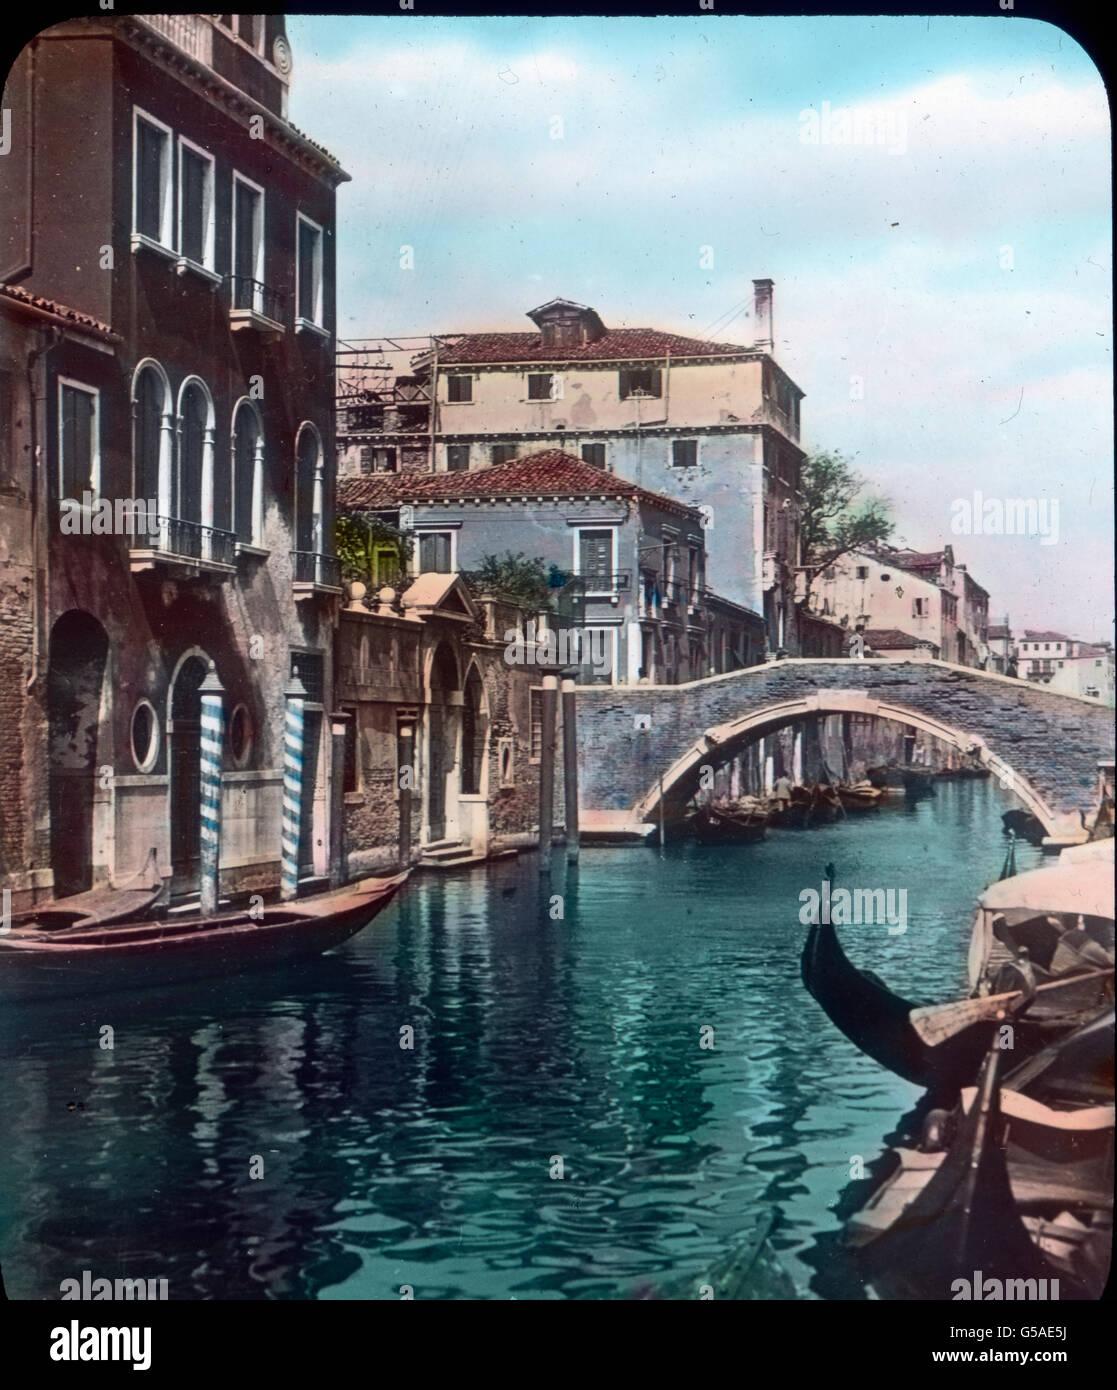 Die ganze Schönheit eines kleinen Kanals zeigt uns dieses Bild. Farbenprächtig umrahmt von hohen Häusern Immagini Stock